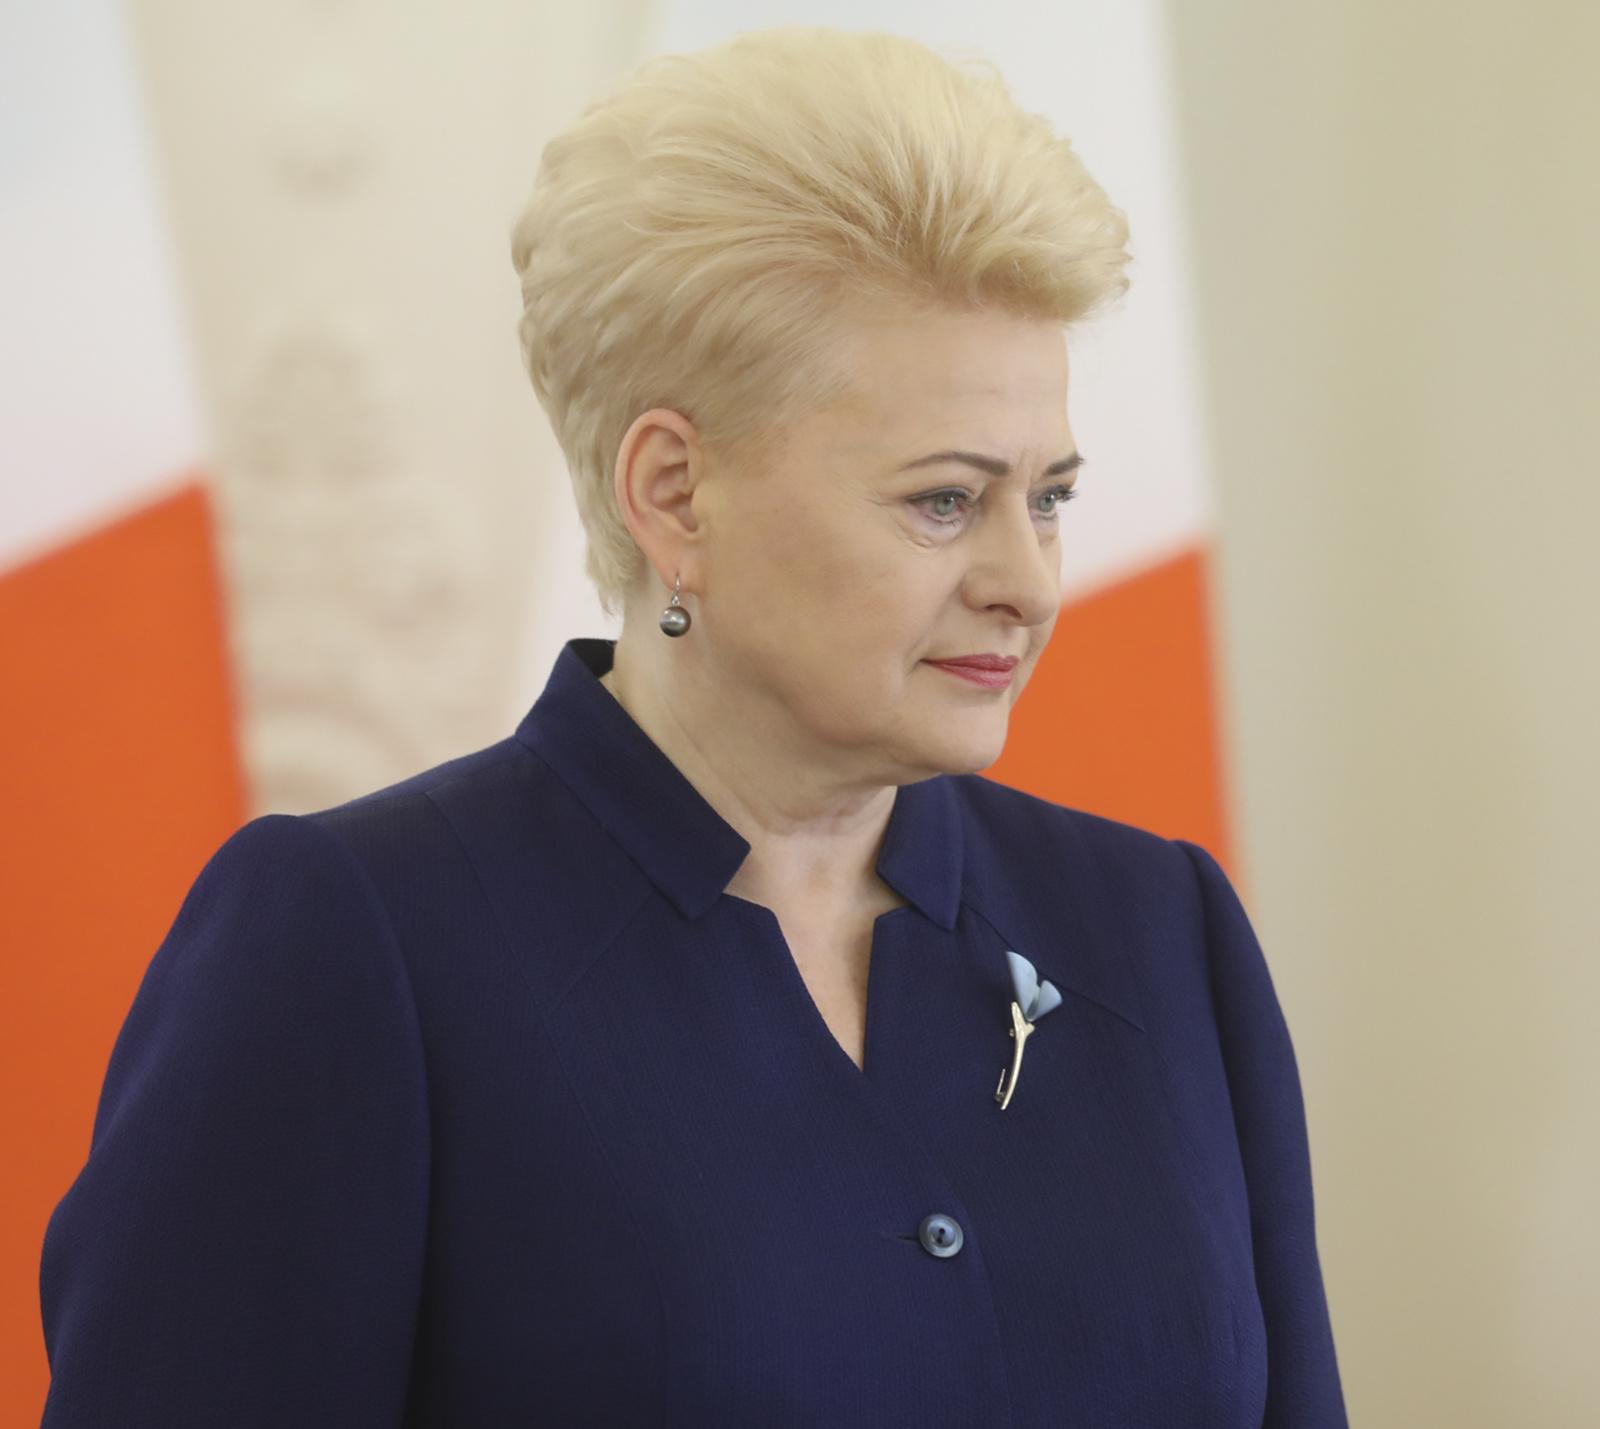 Knygą apie D. Grybauskaitės užsienio politiką pristatęs T. Janeliūnas: prezidentė kategoriškai reikalavo atsižvelgti į Lietuvos interesus